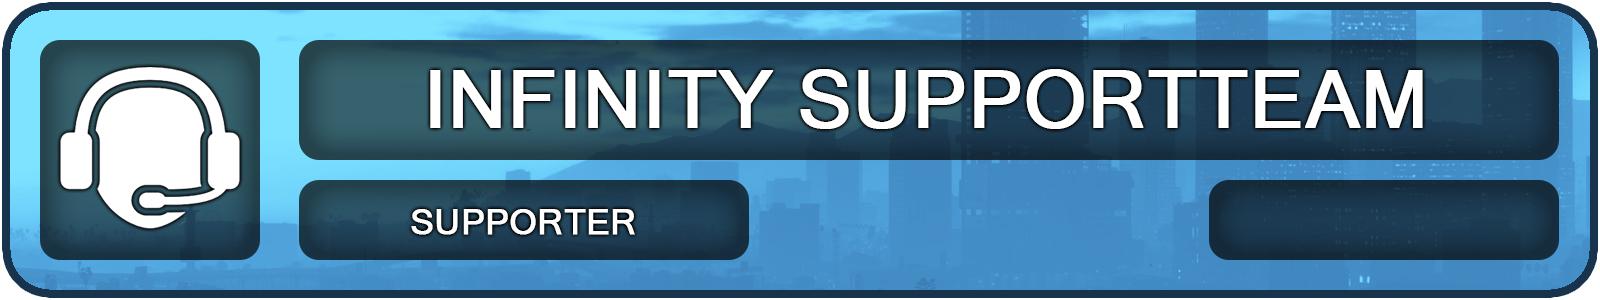 Supporter-Signatur-S-0.jpg